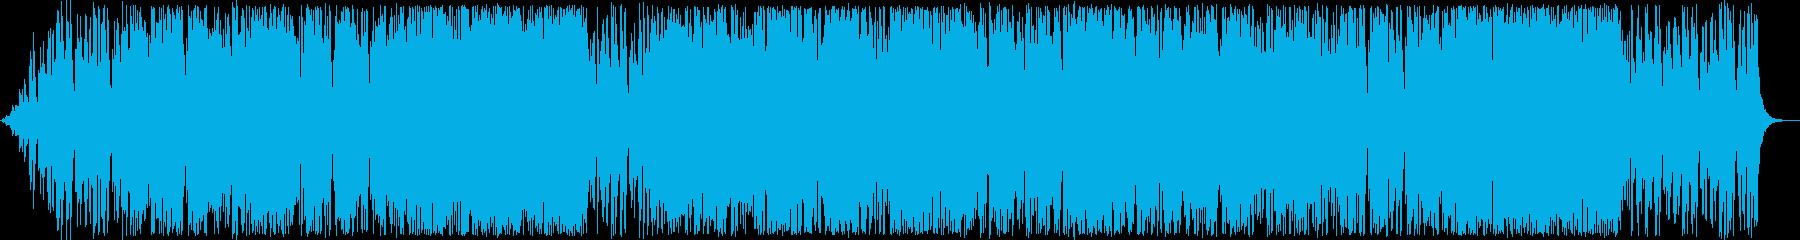 陽気なサックスシンセなどのサウンドの再生済みの波形